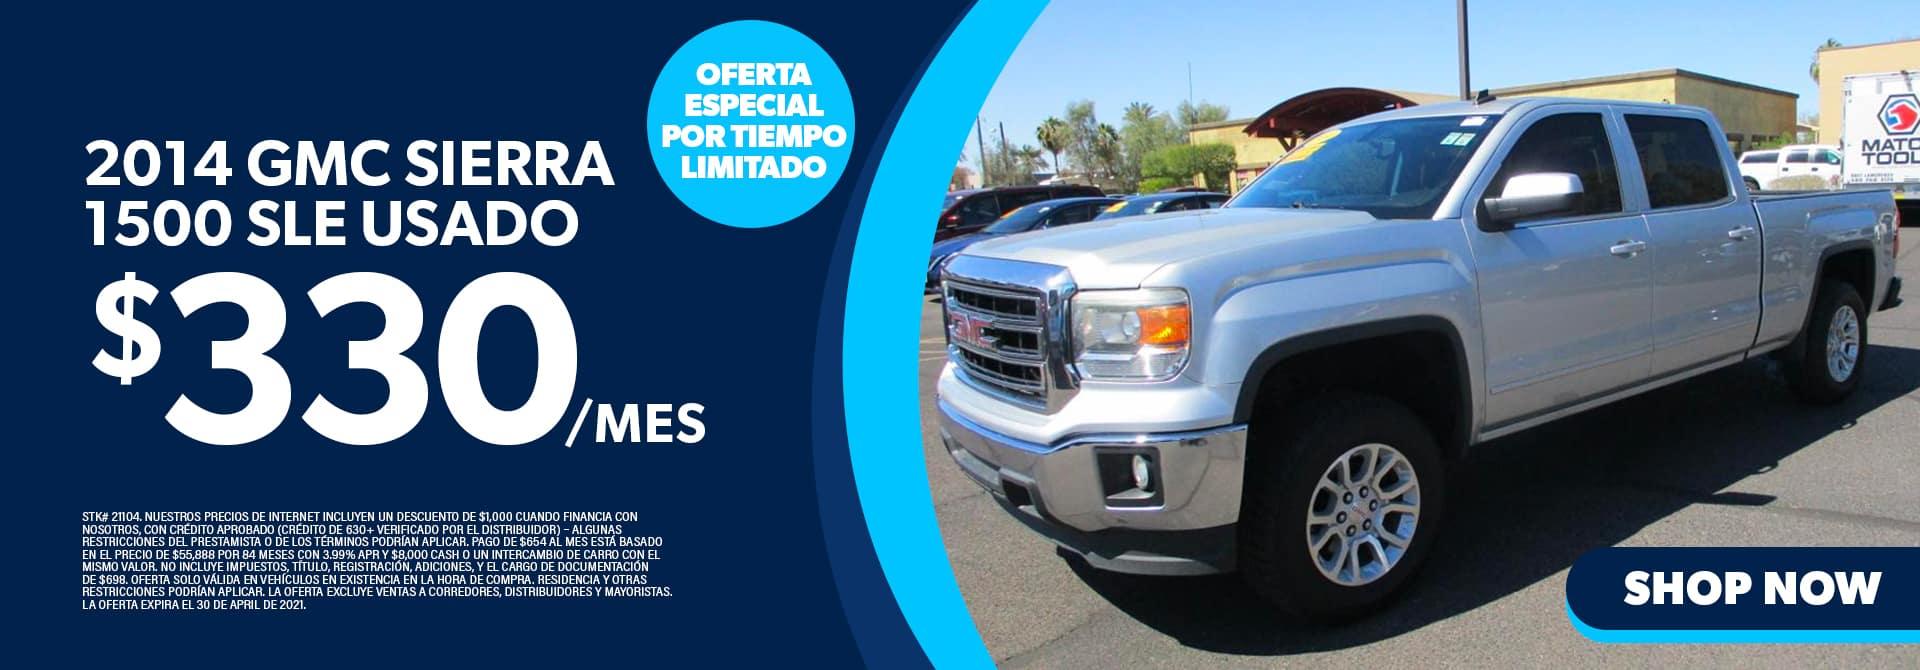 2014 GMC Sierra 1500 SLE Usado